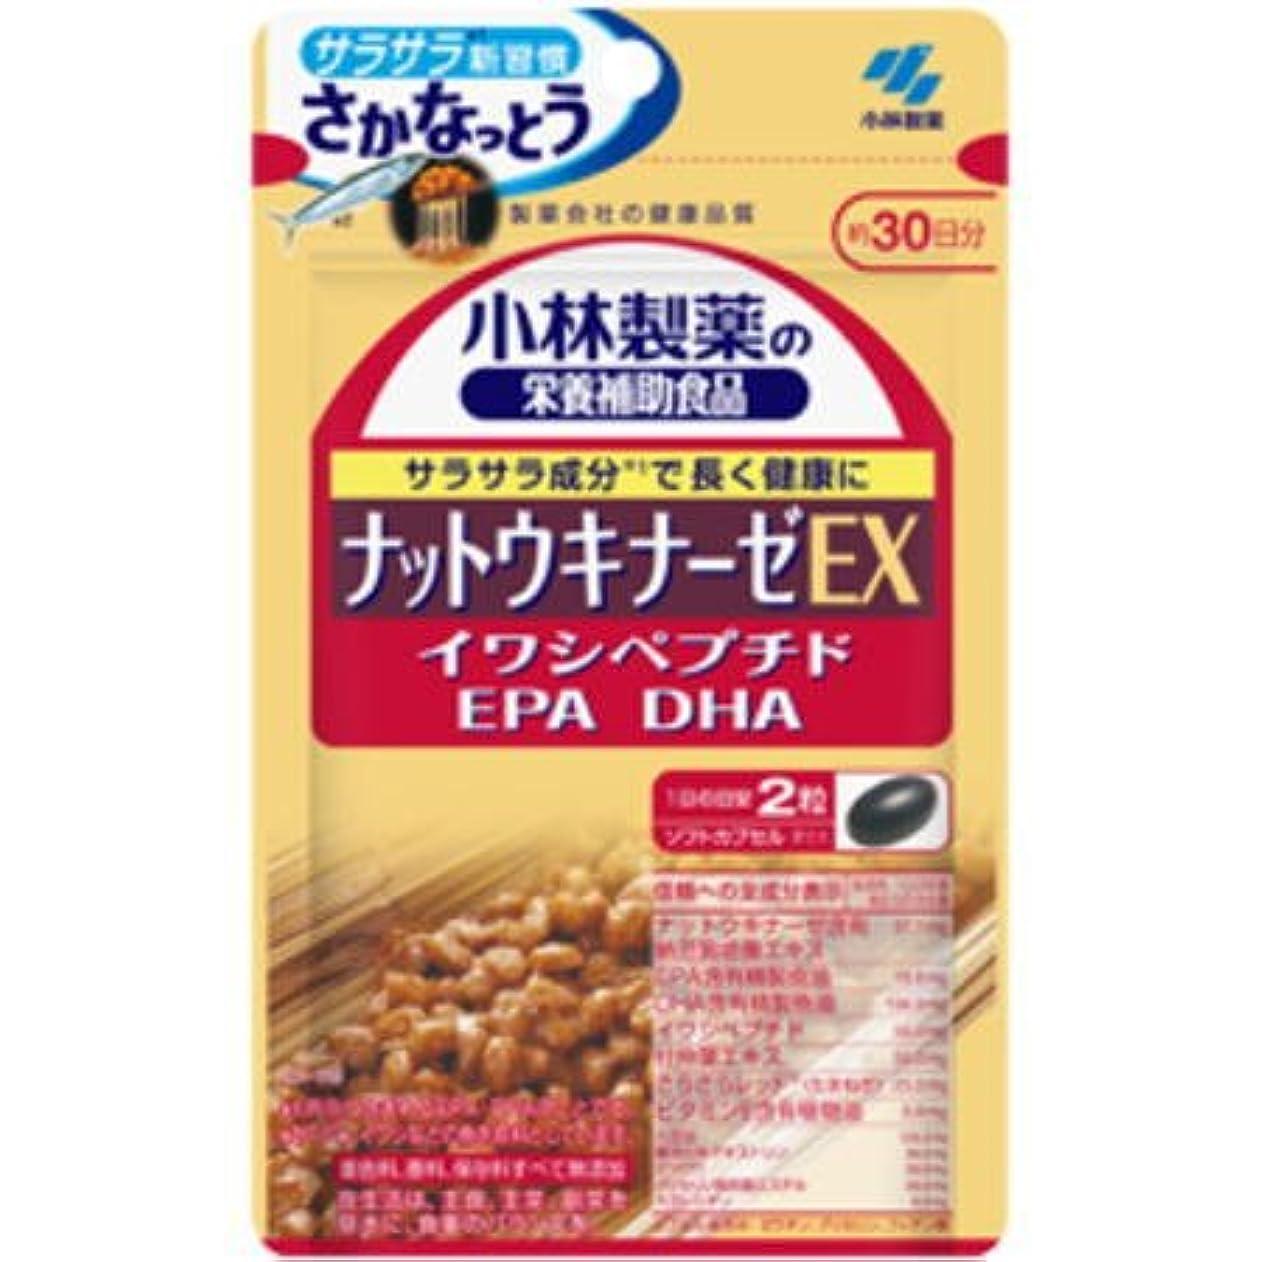 予想外スポーツマンビルマ【小林製薬】ナットウキナーゼEX 60粒(お買い得3個セット)